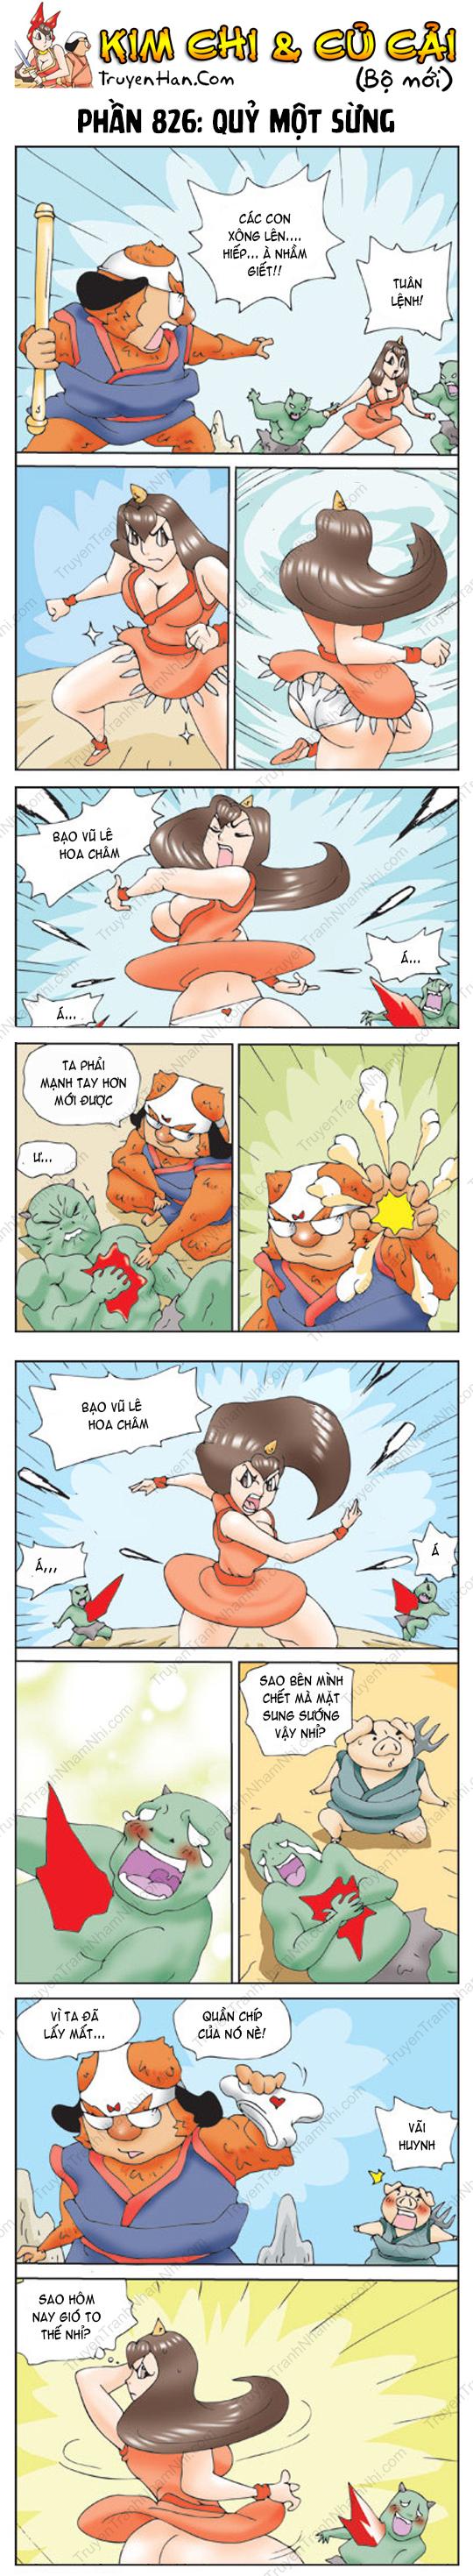 Kim Chi Và Củ Cải Phần 826: Quỷ một sừng